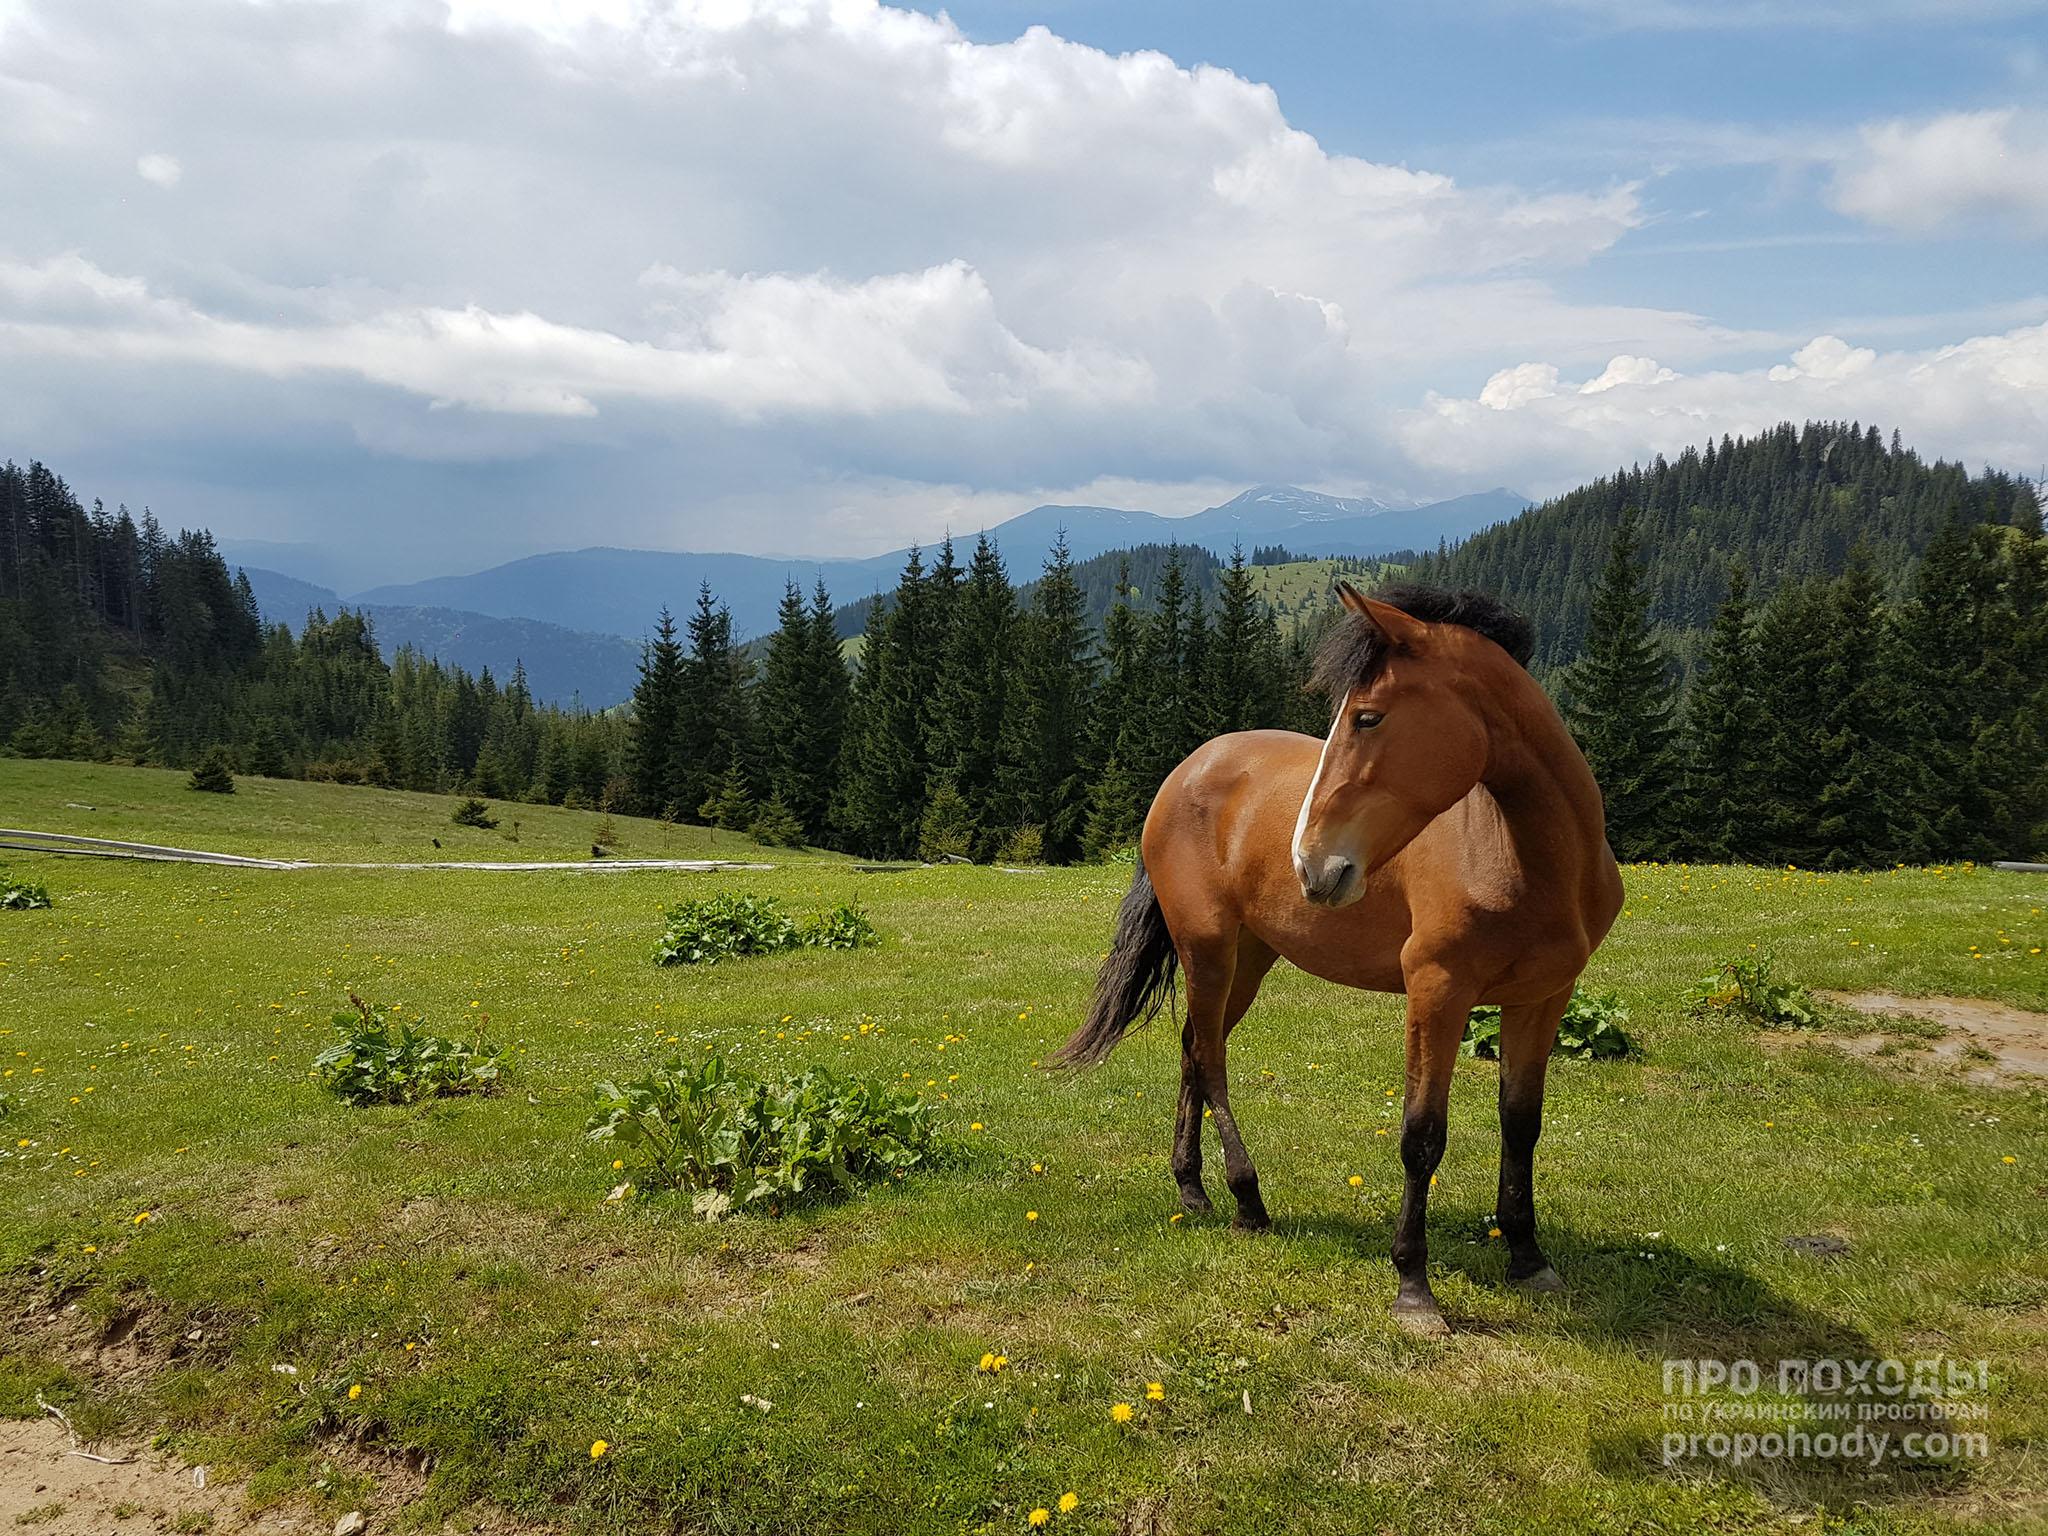 Гринявські гори. Кінь на пасовищі